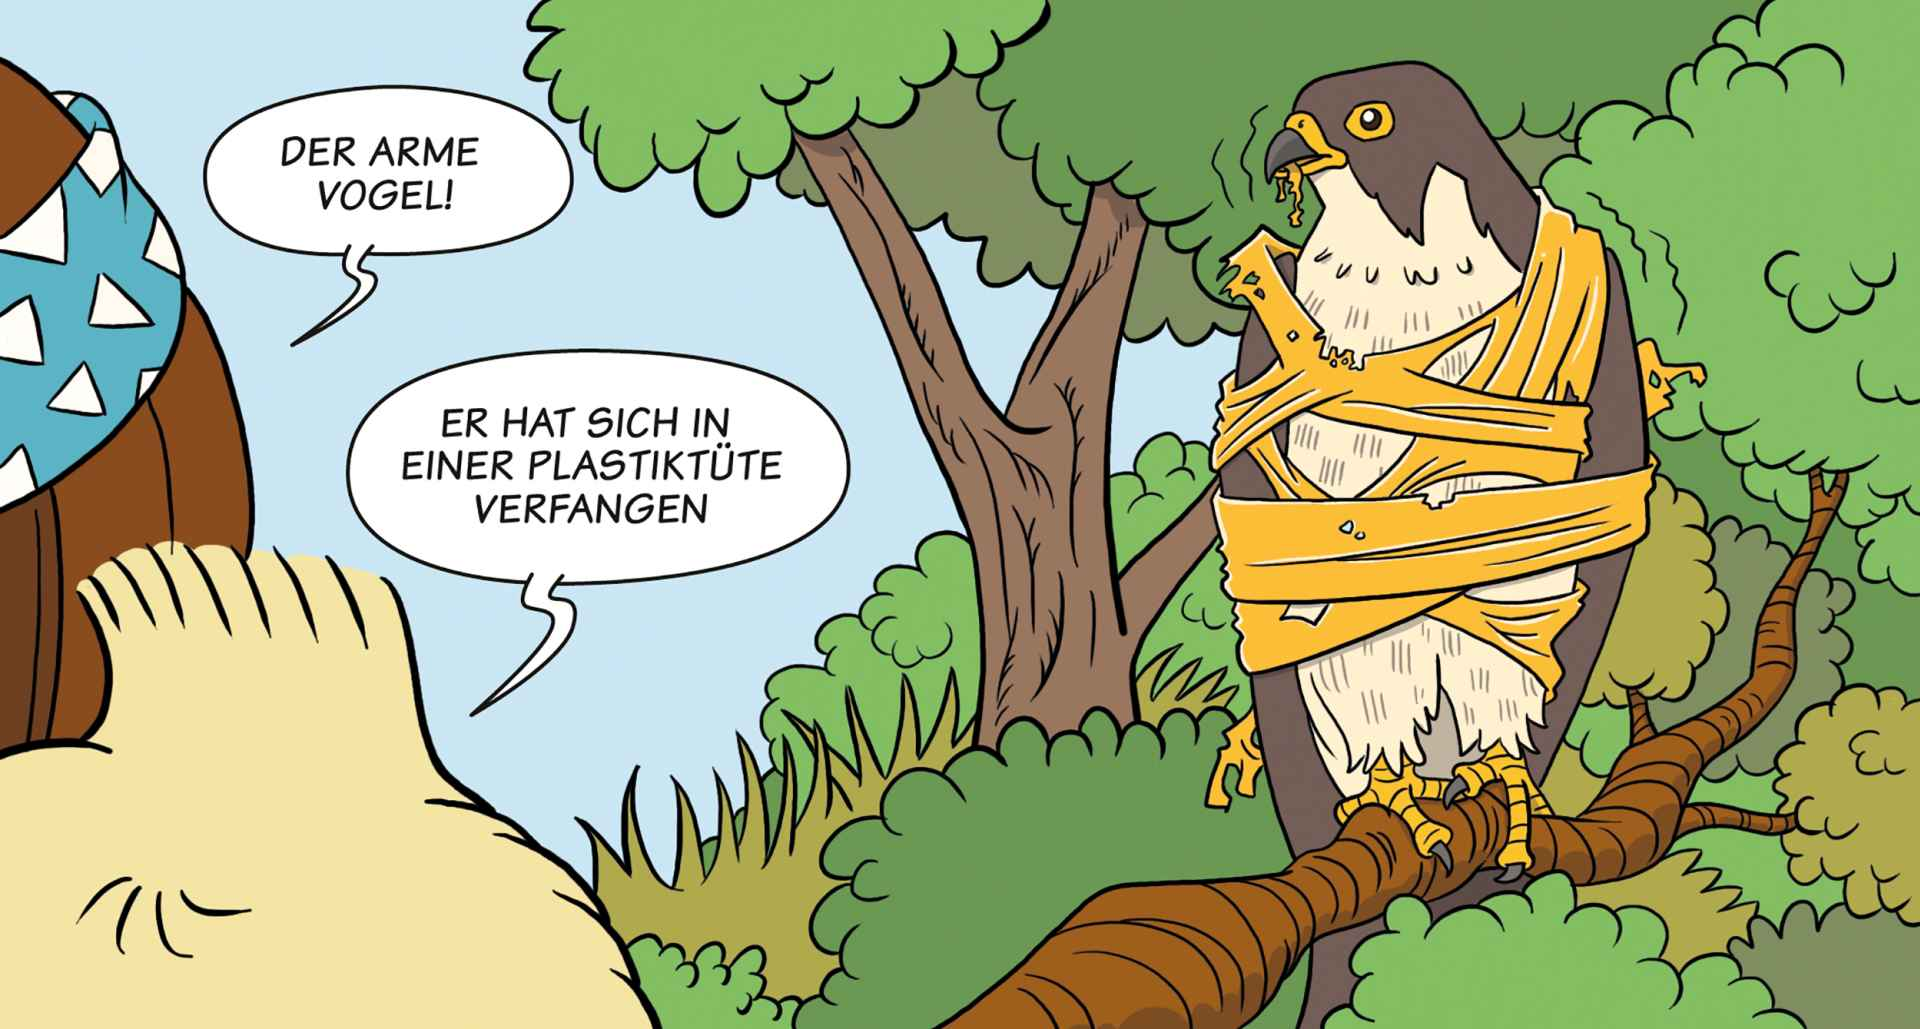 bild-09_de